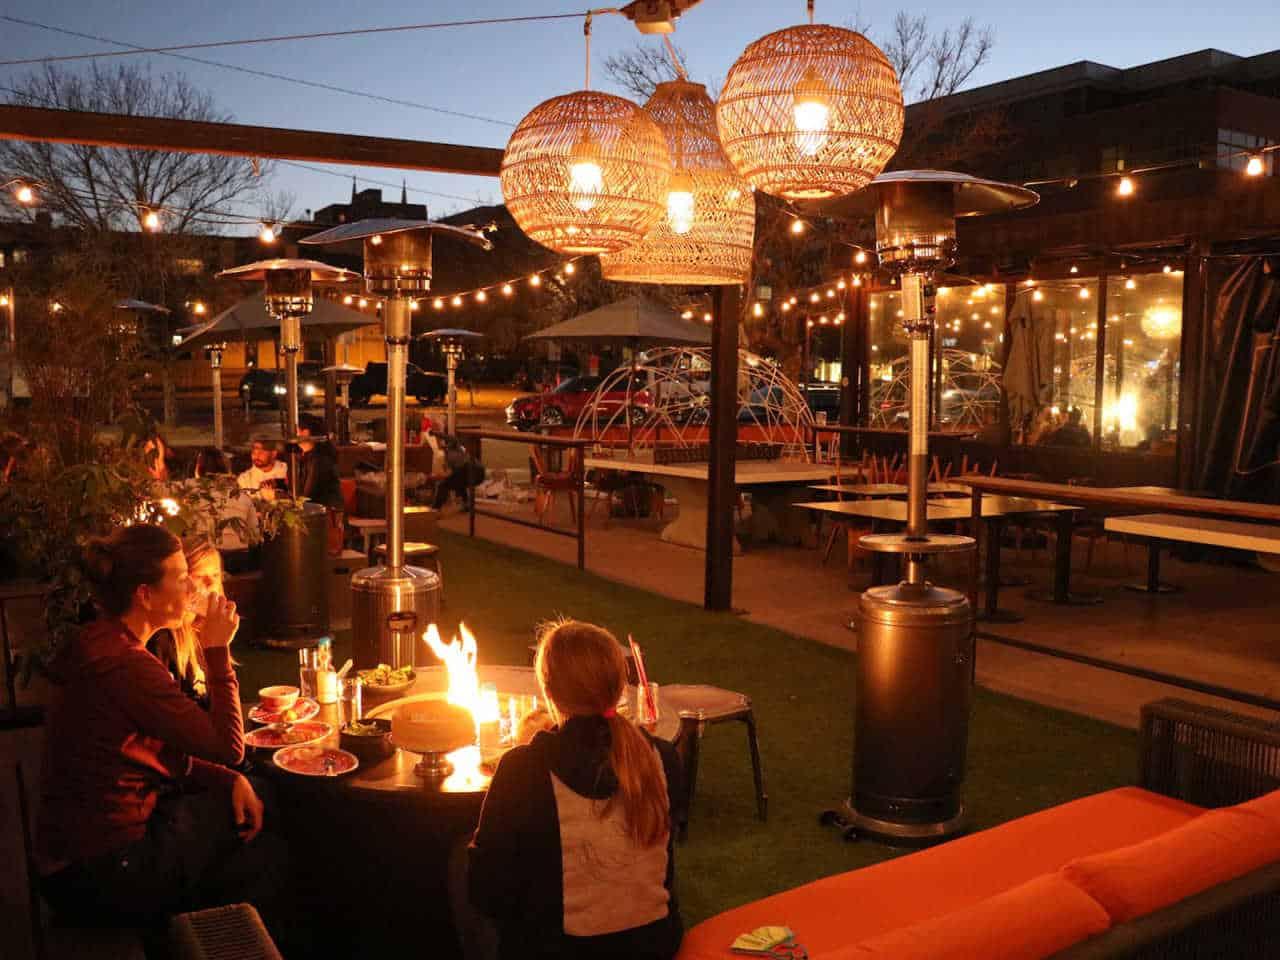 outdoor dining Denver, Denver outdoor restaurants, Denver restaurants